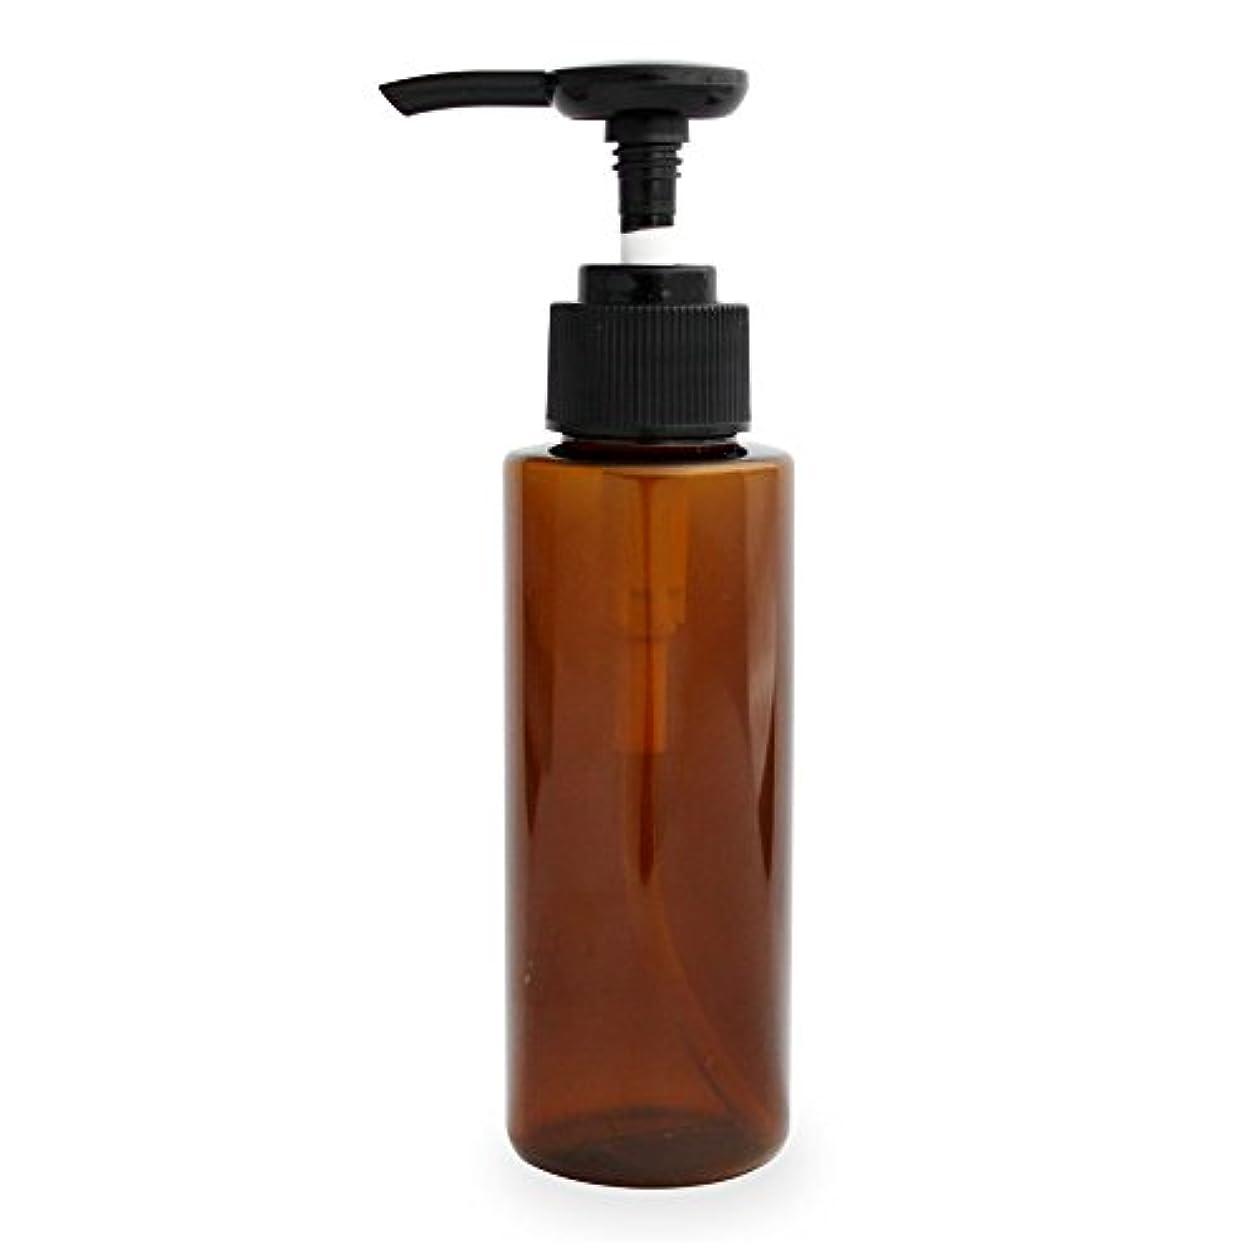 熱心効率変数ポンプボトル100ml(ブラウン)(プラスチック容器 オイル用空瓶 プラスチック製-PET 空ボトル プッシュポンプ)